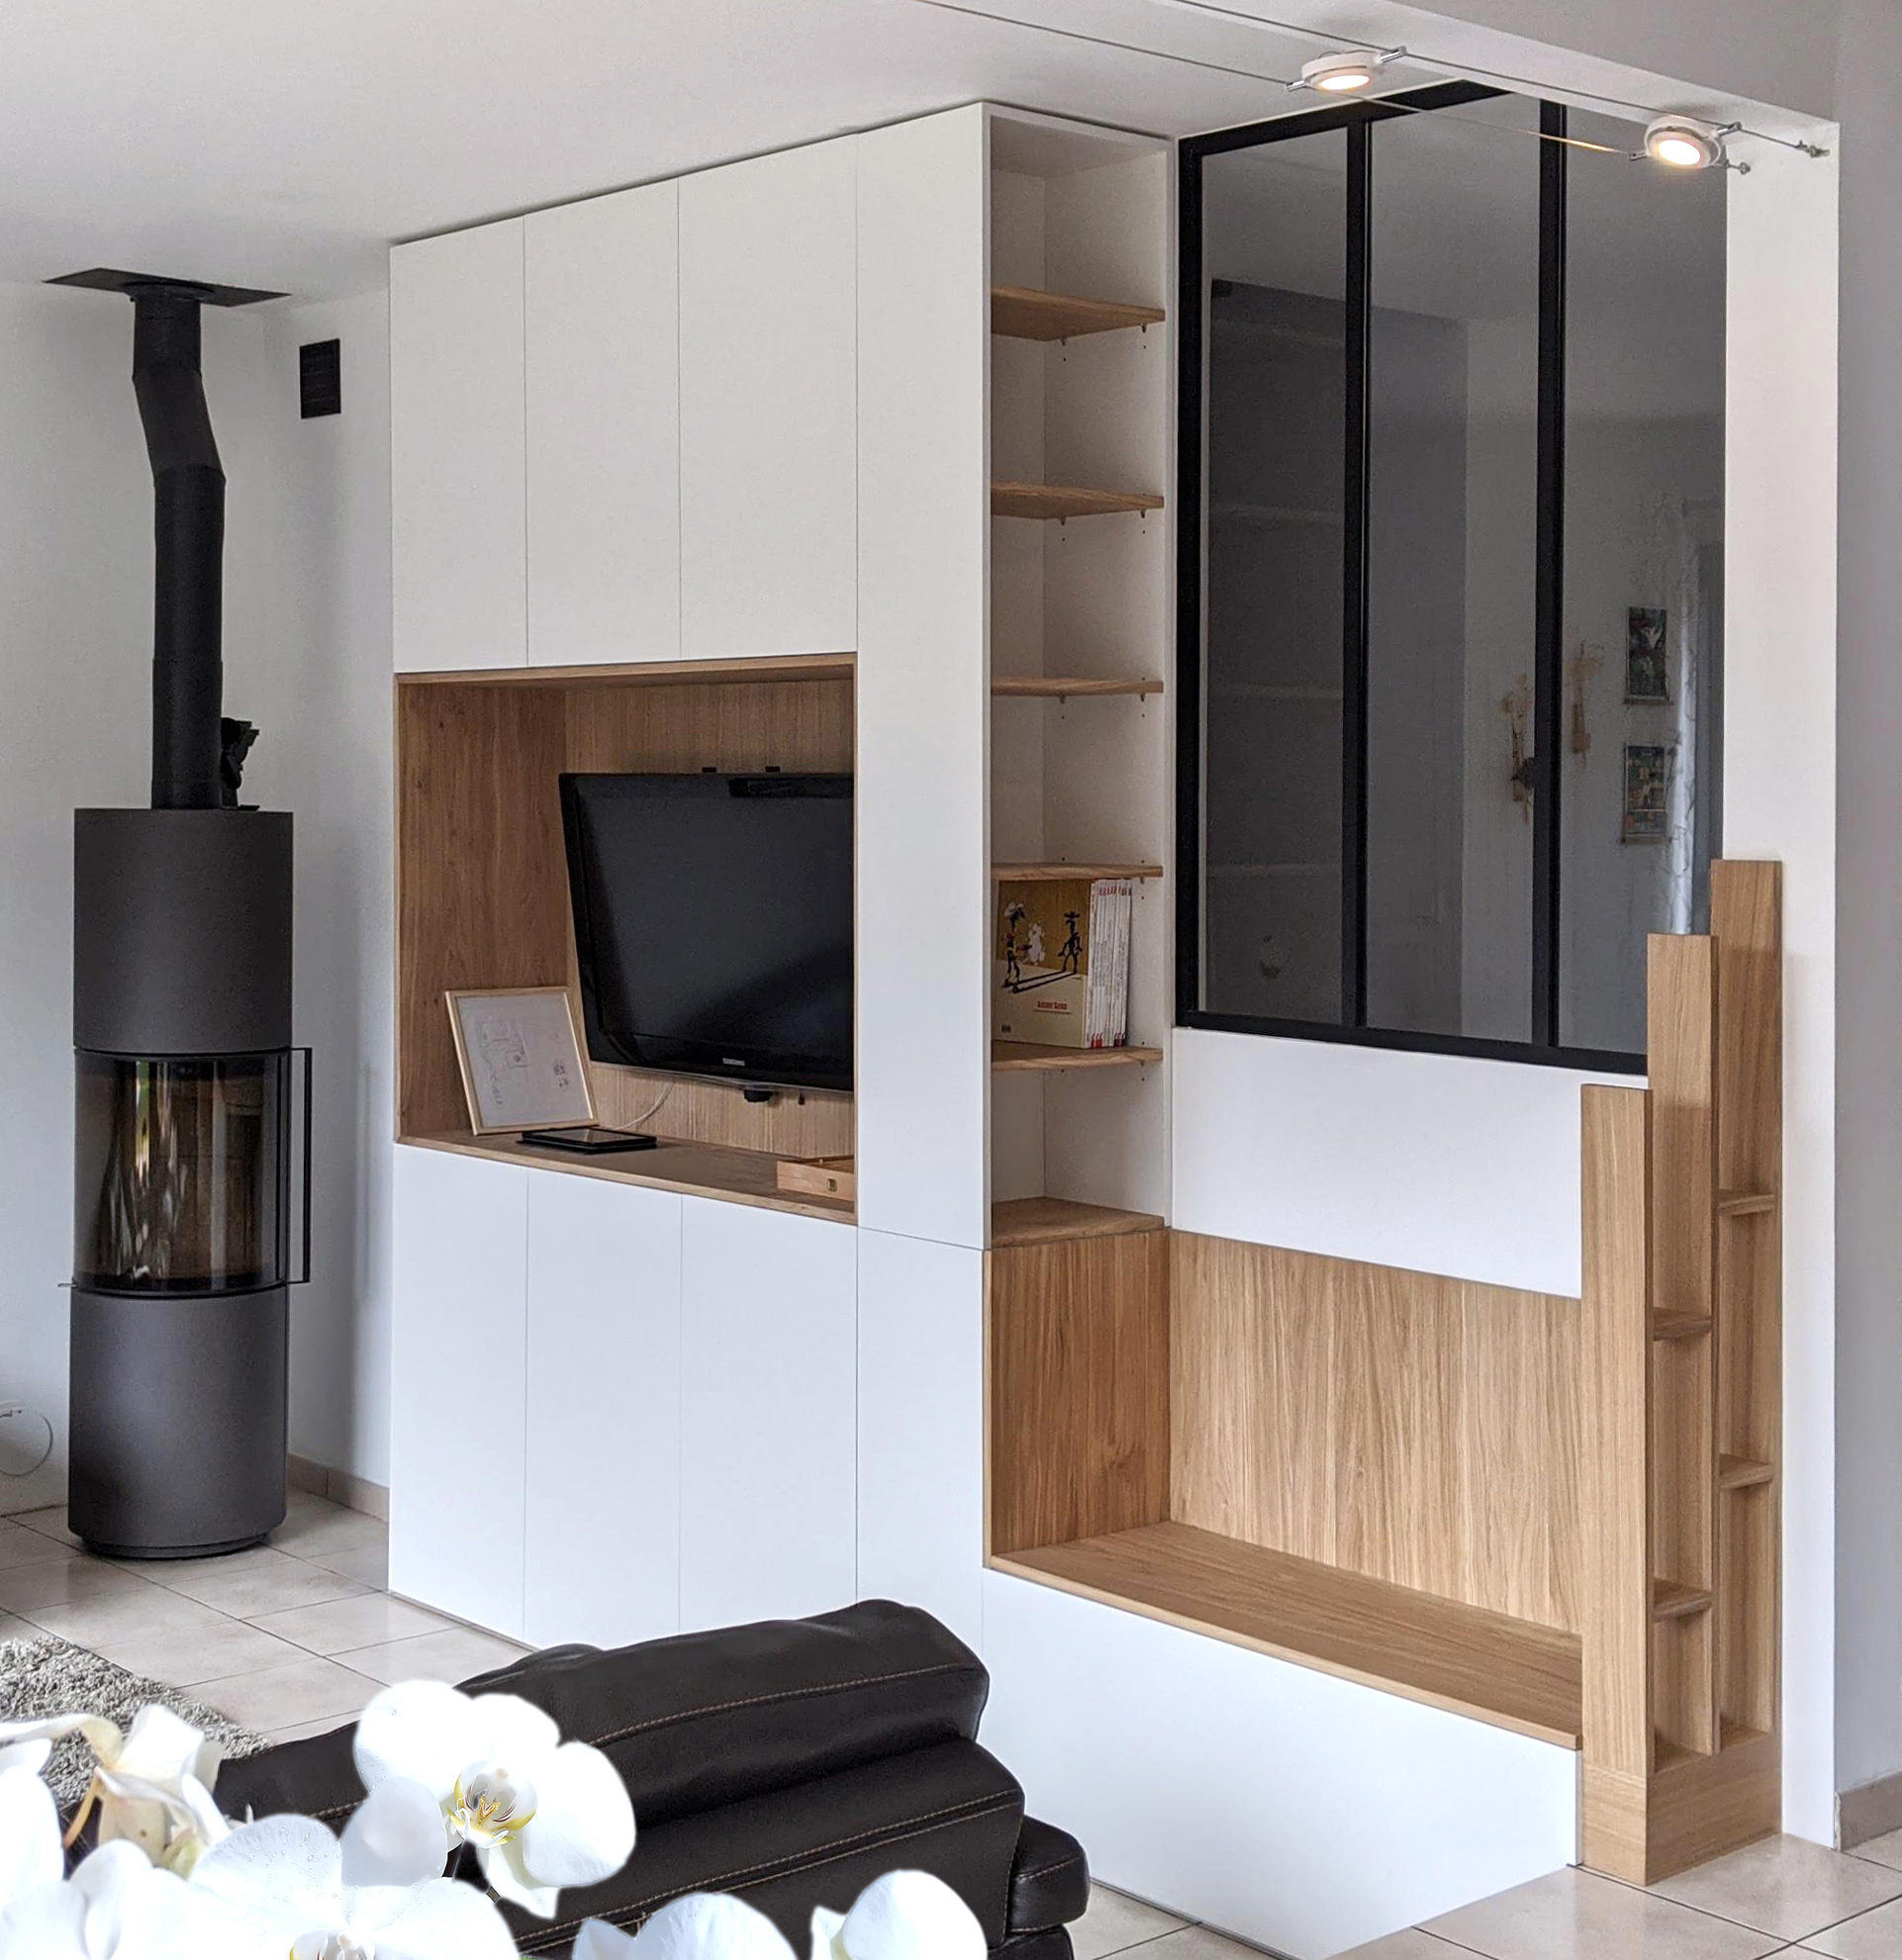 Design et ébénisterie : faites le choix de la qualité pour votre mobilier